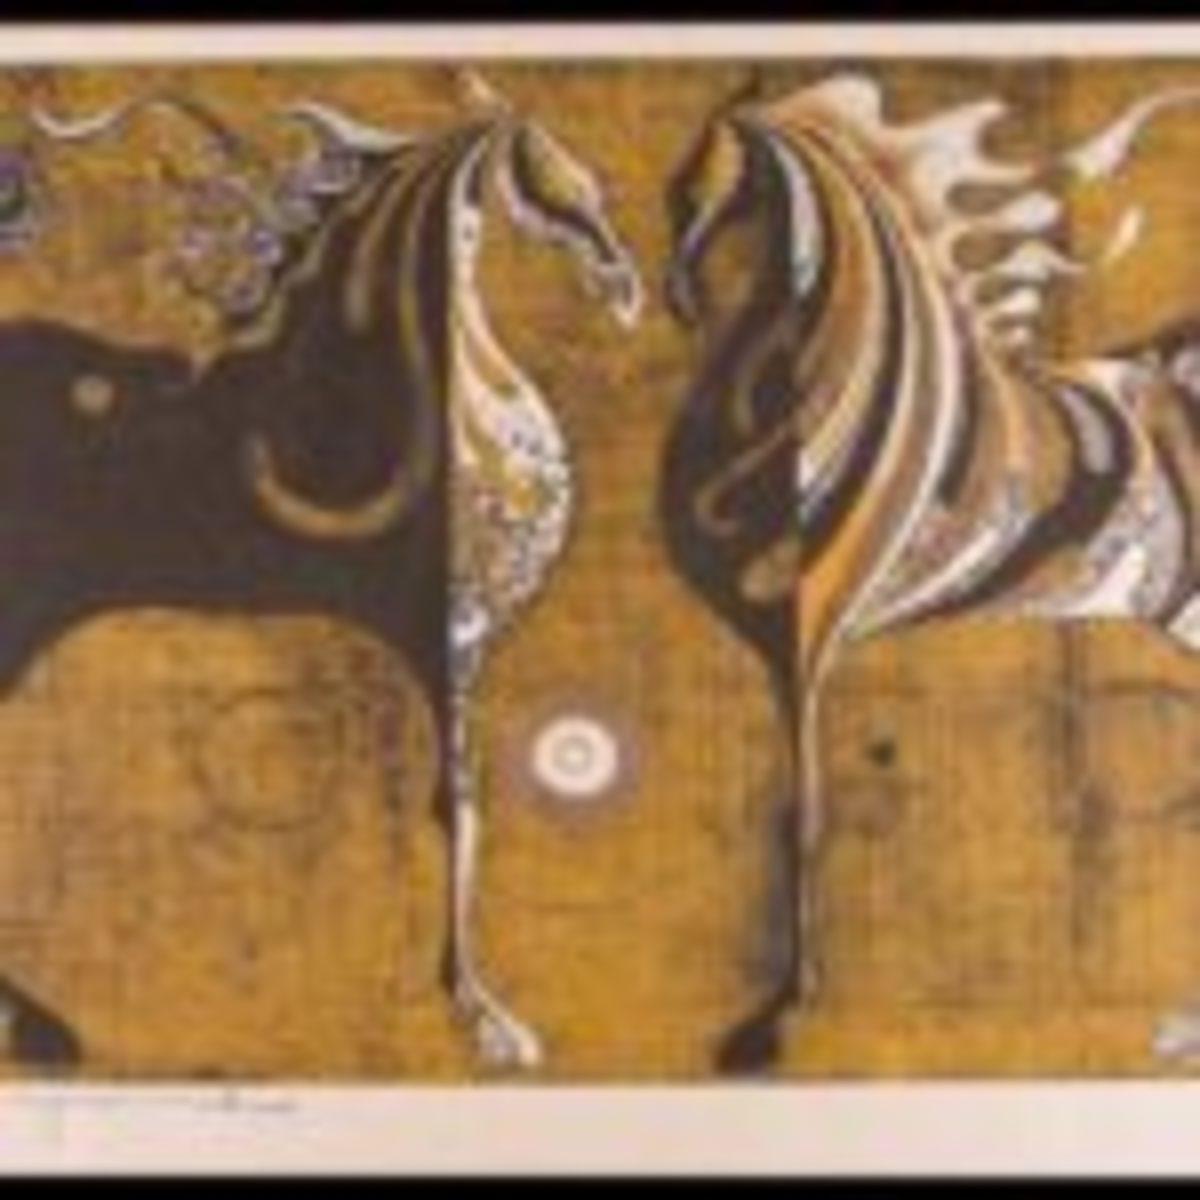 Nakayama, Tadashi, Two Horses